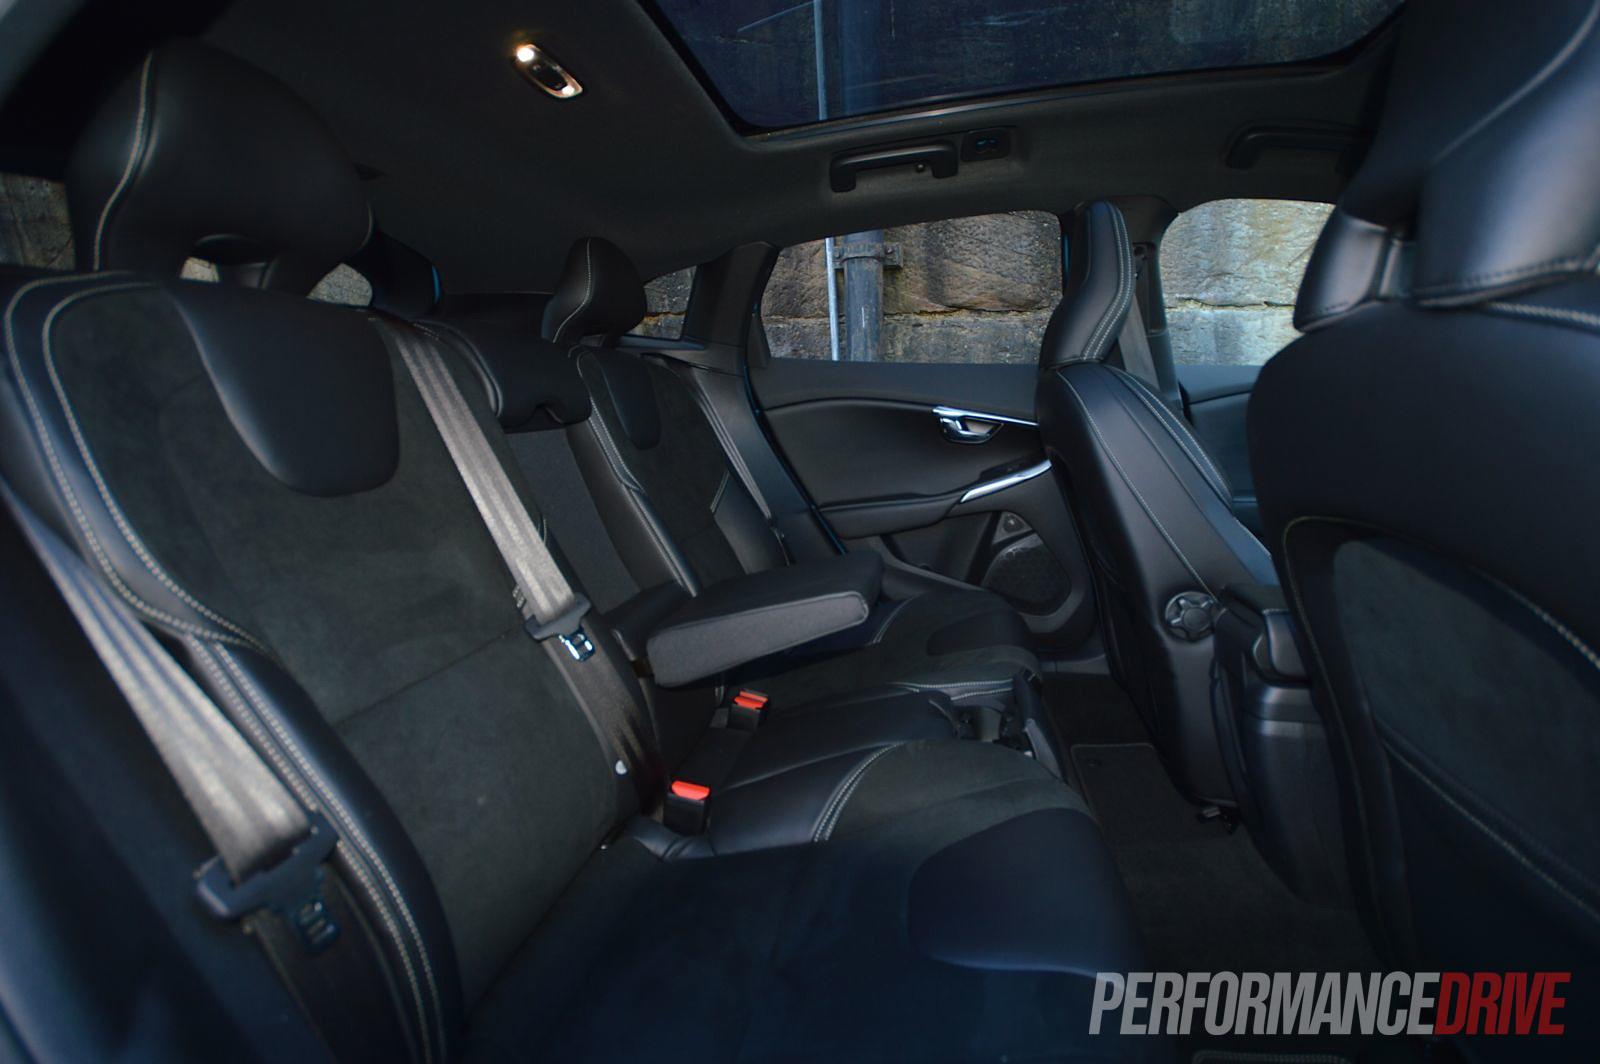 2013 volvo v40 t5 r design review video performancedrive for Interior volvo v40